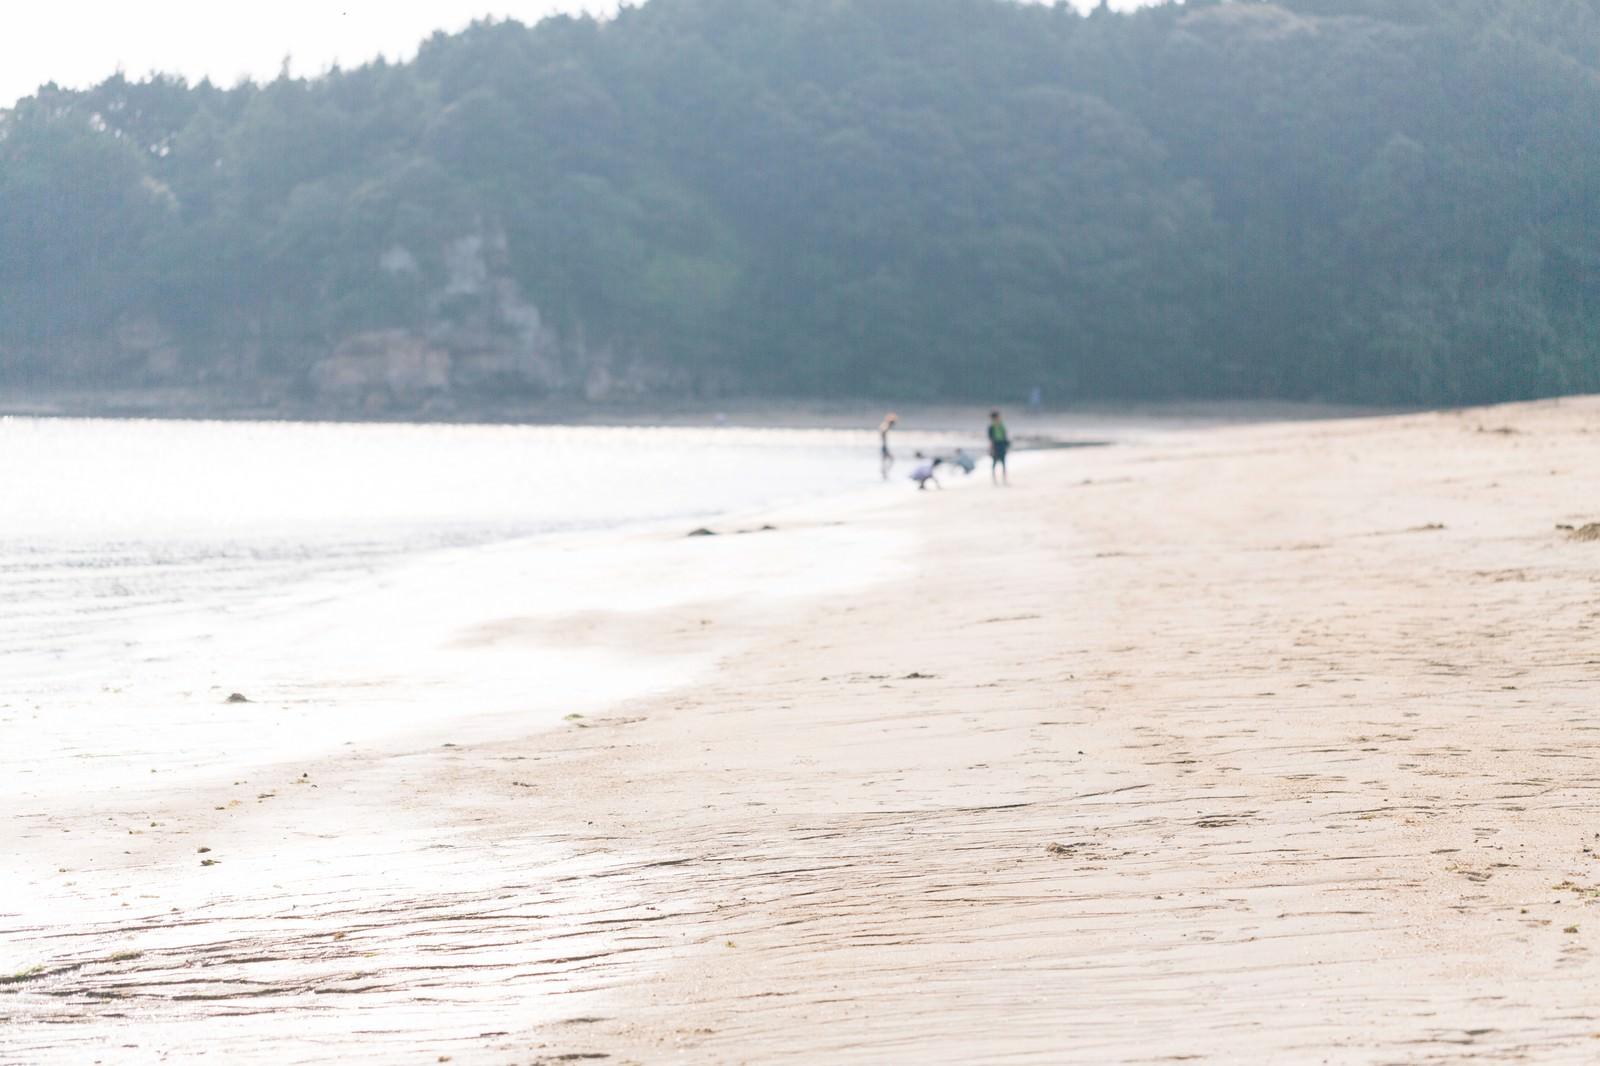 「伊万里市の観光スポット「イマリンビーチ」」の写真